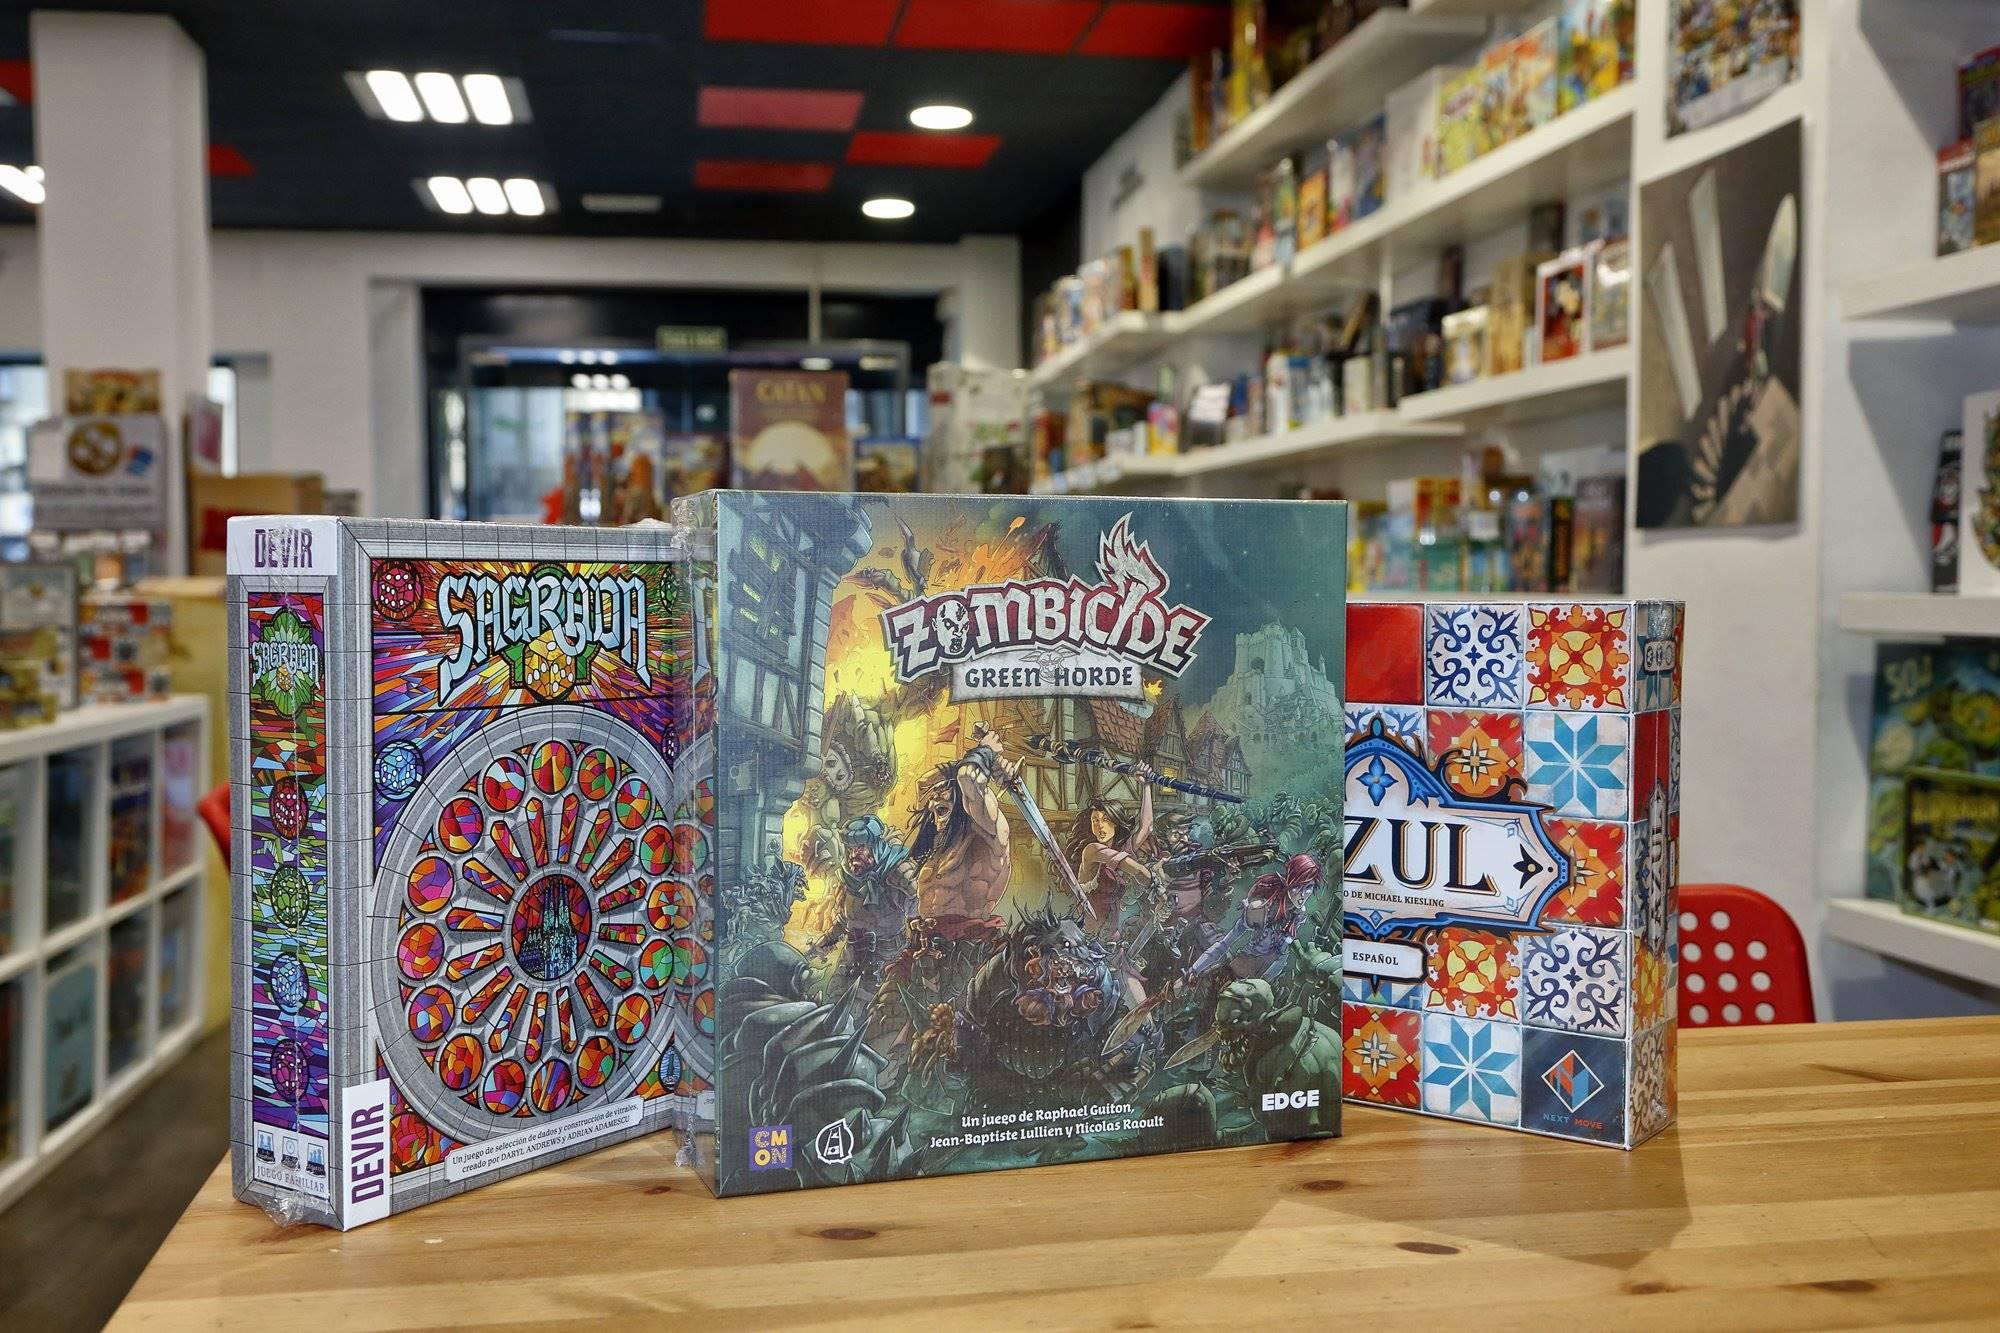 Zombicide, Azul y Sagrada, algunos de los juegos con más éxito.